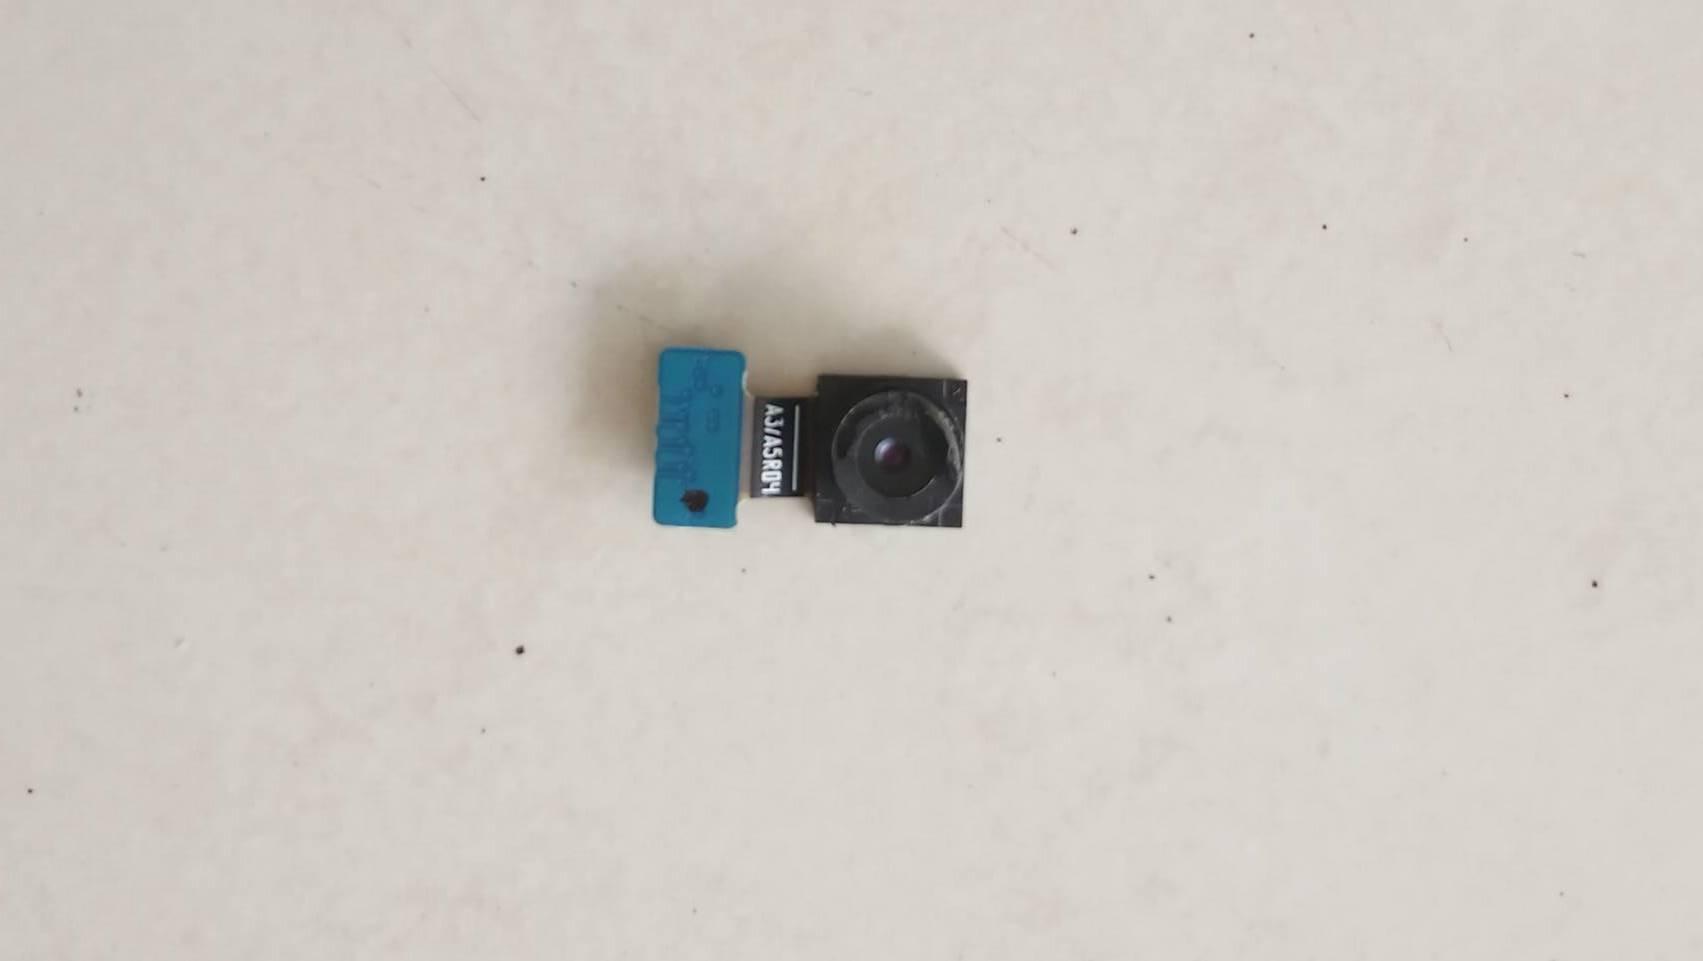 กล้องหน้าแท้ SAMSUNG A7 (2015) / A700 มือสอง